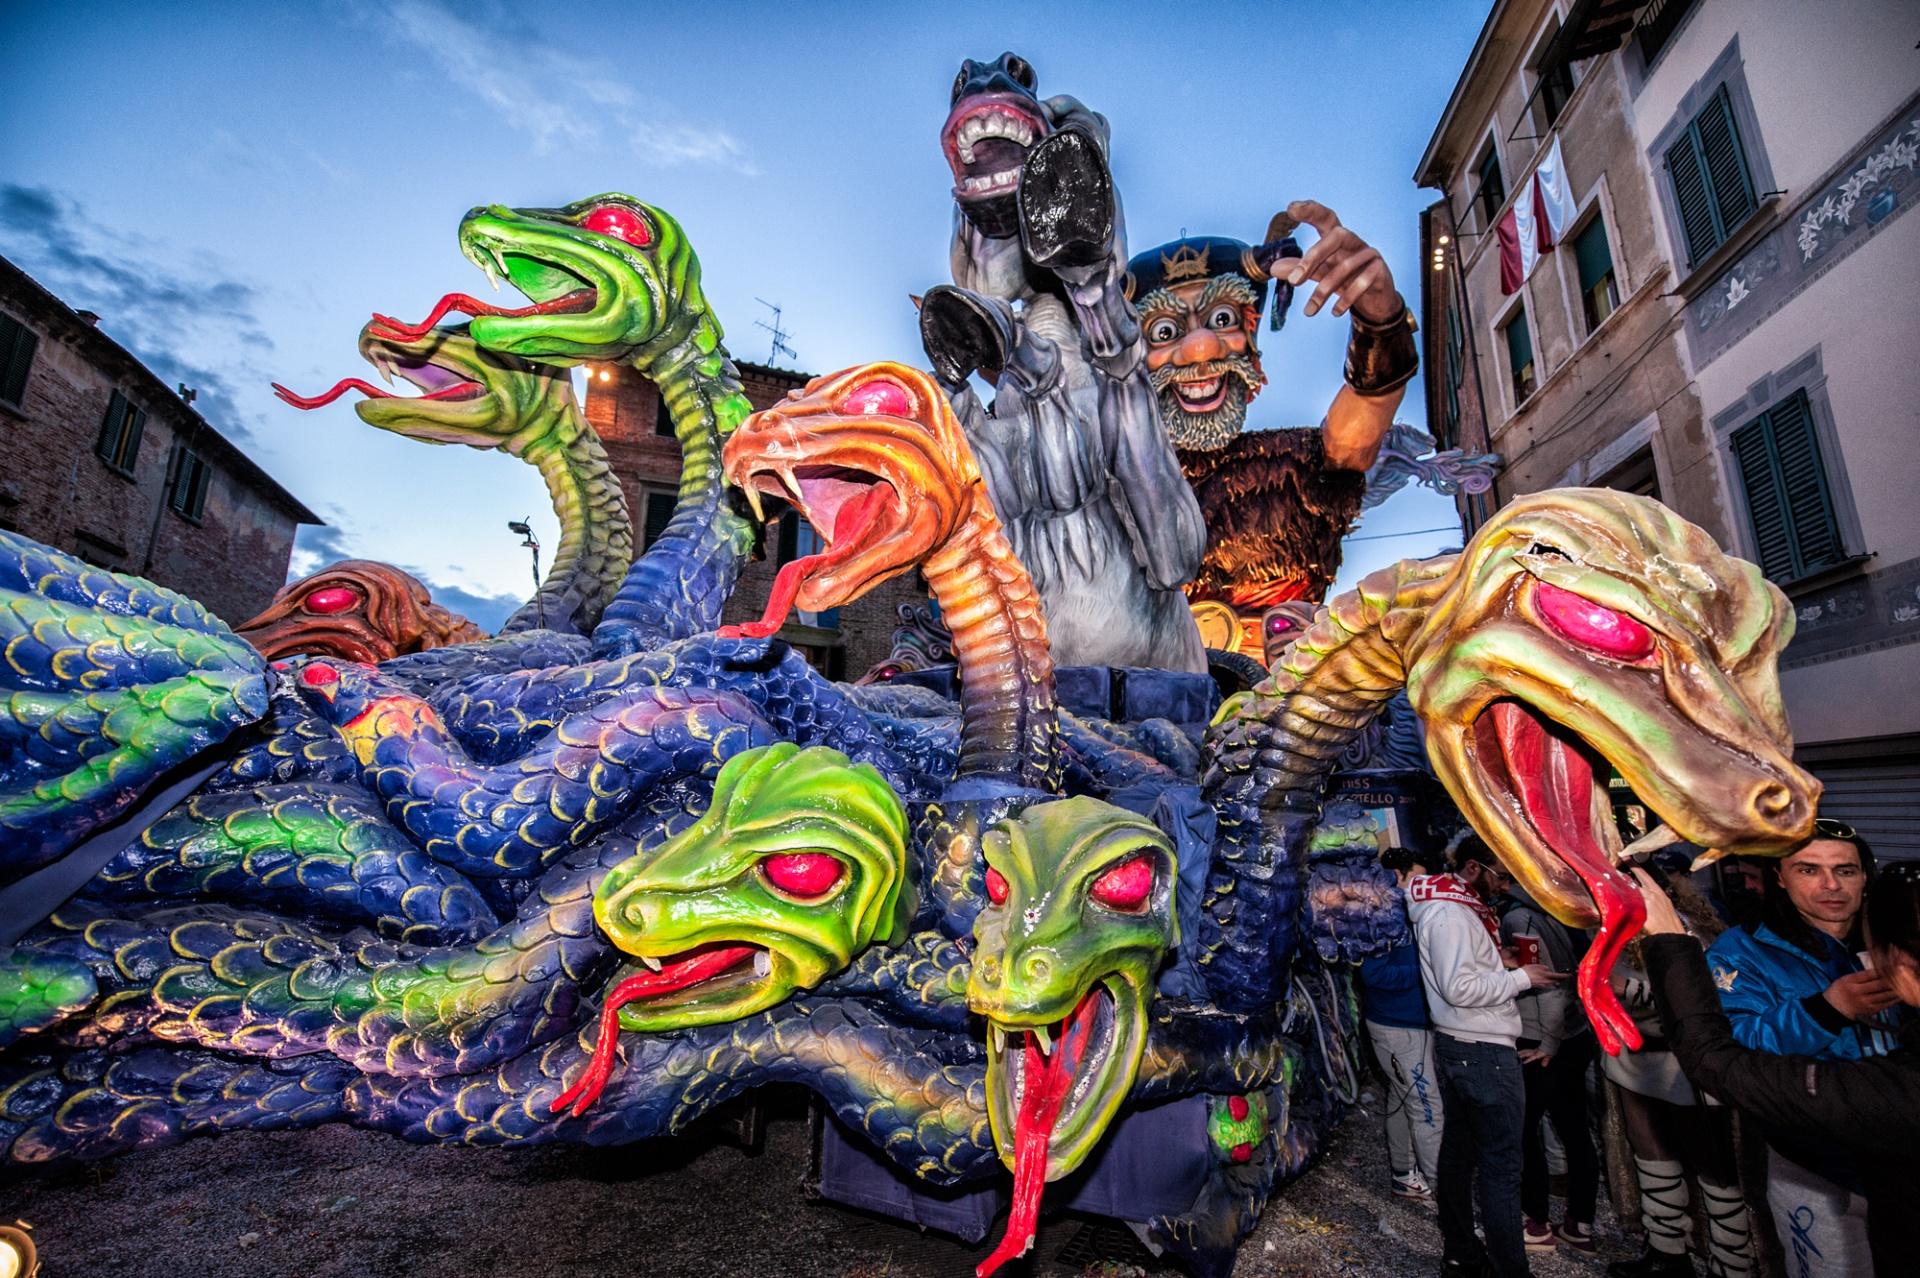 Il Carnevale a Foiano della Chiana, Probabilmente è meno noto di quelli di Venezia e Viareggio, ma è sicuramente il più antico d'Italia e vanta una tradizione e una continuità ininterrotte per oltre